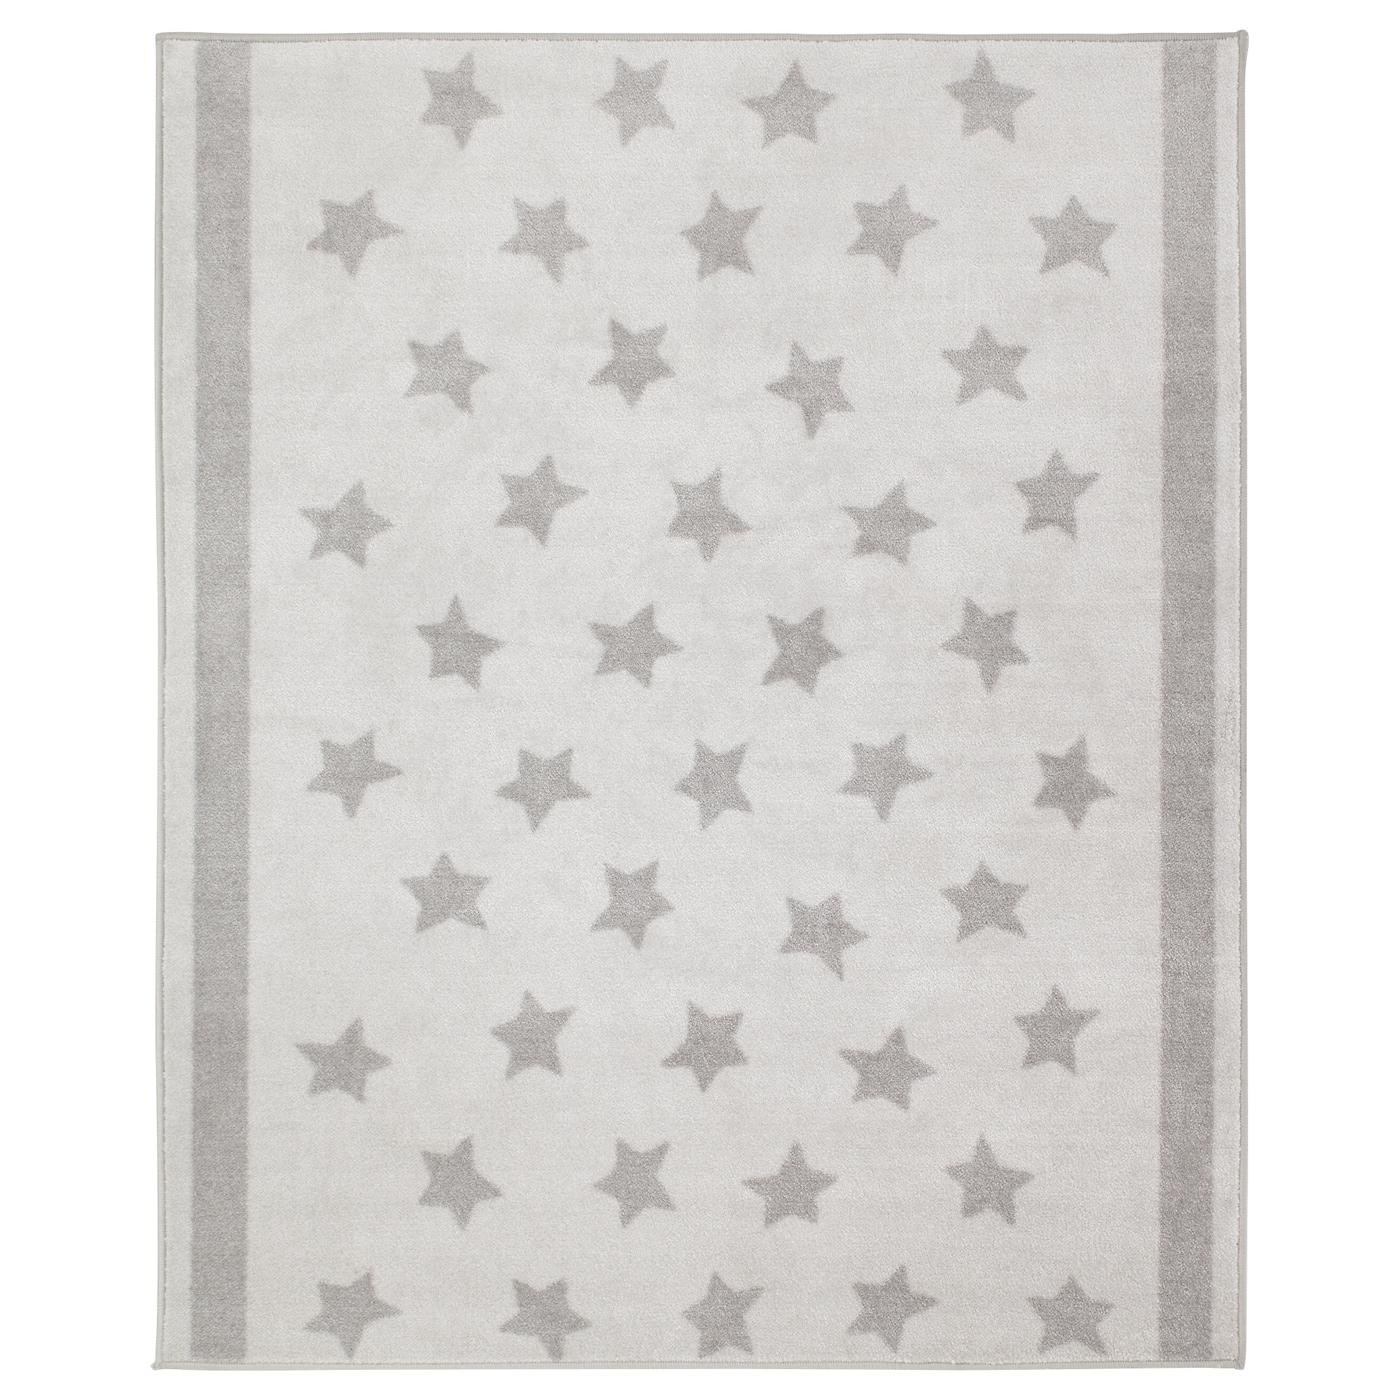 Himmelsk Grey Rug 133x160 Cm Ikea